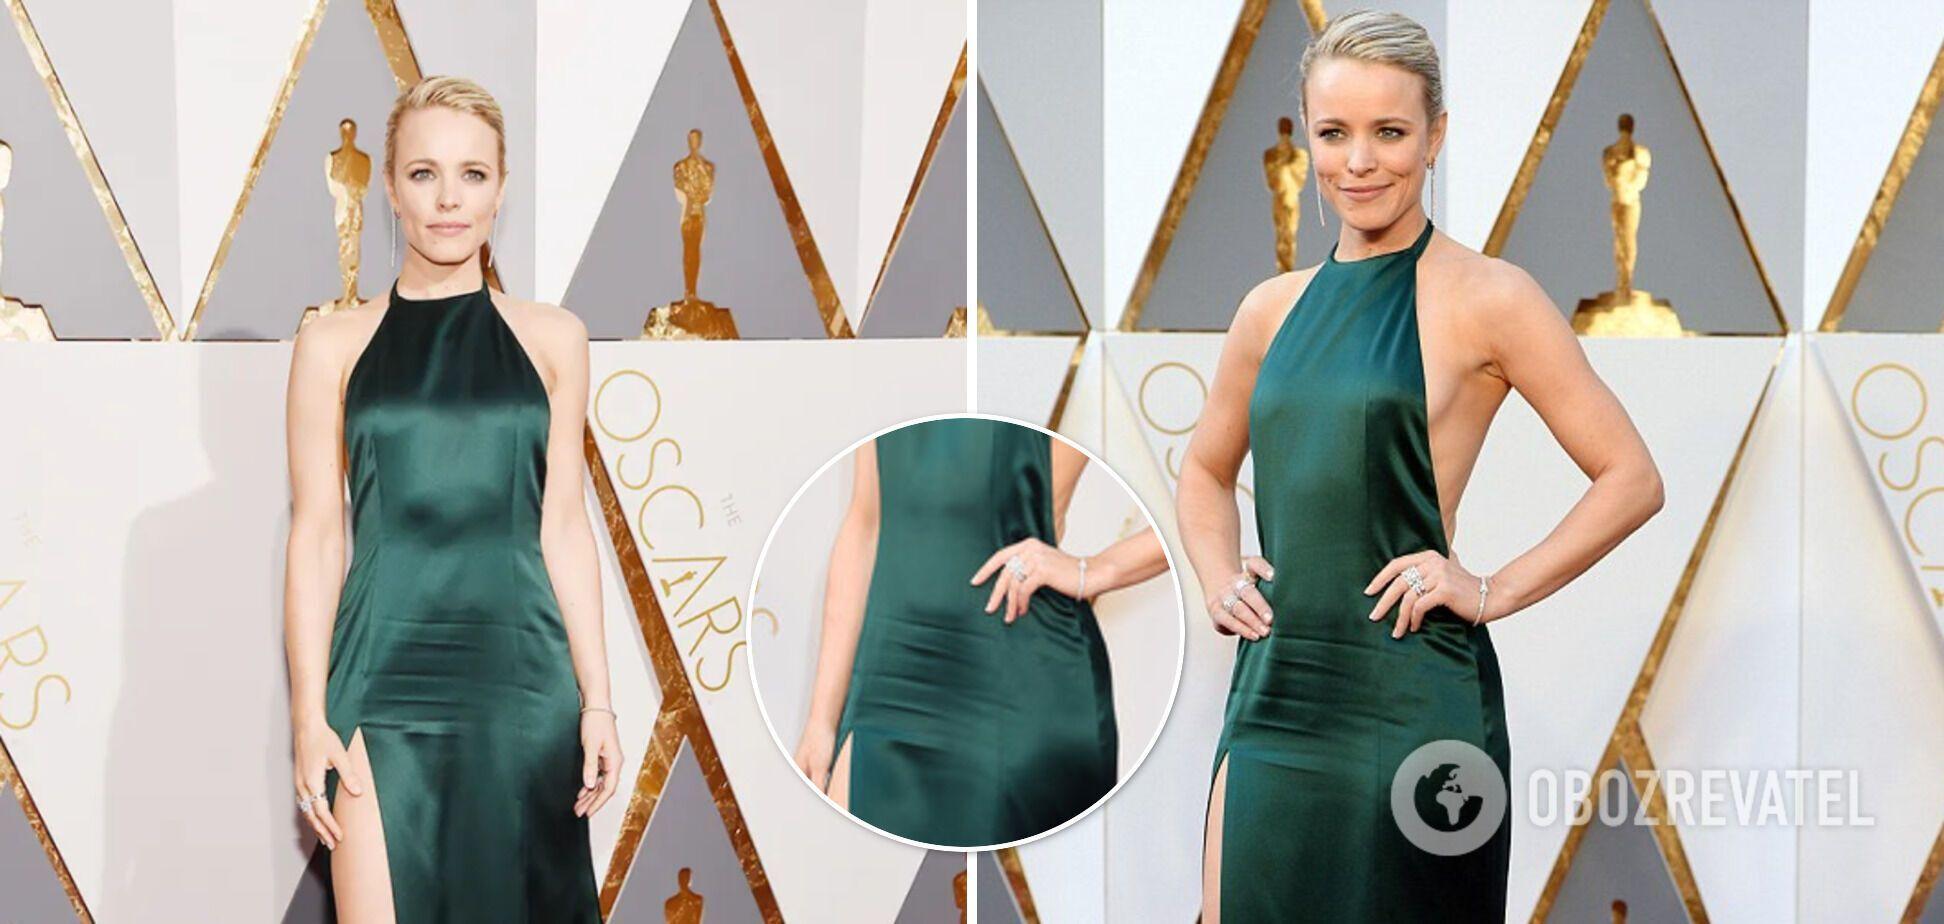 """Огромные складки на животе Рэйчел Макадамс испортили все впечатление от ее образа на """"Оскаре"""""""